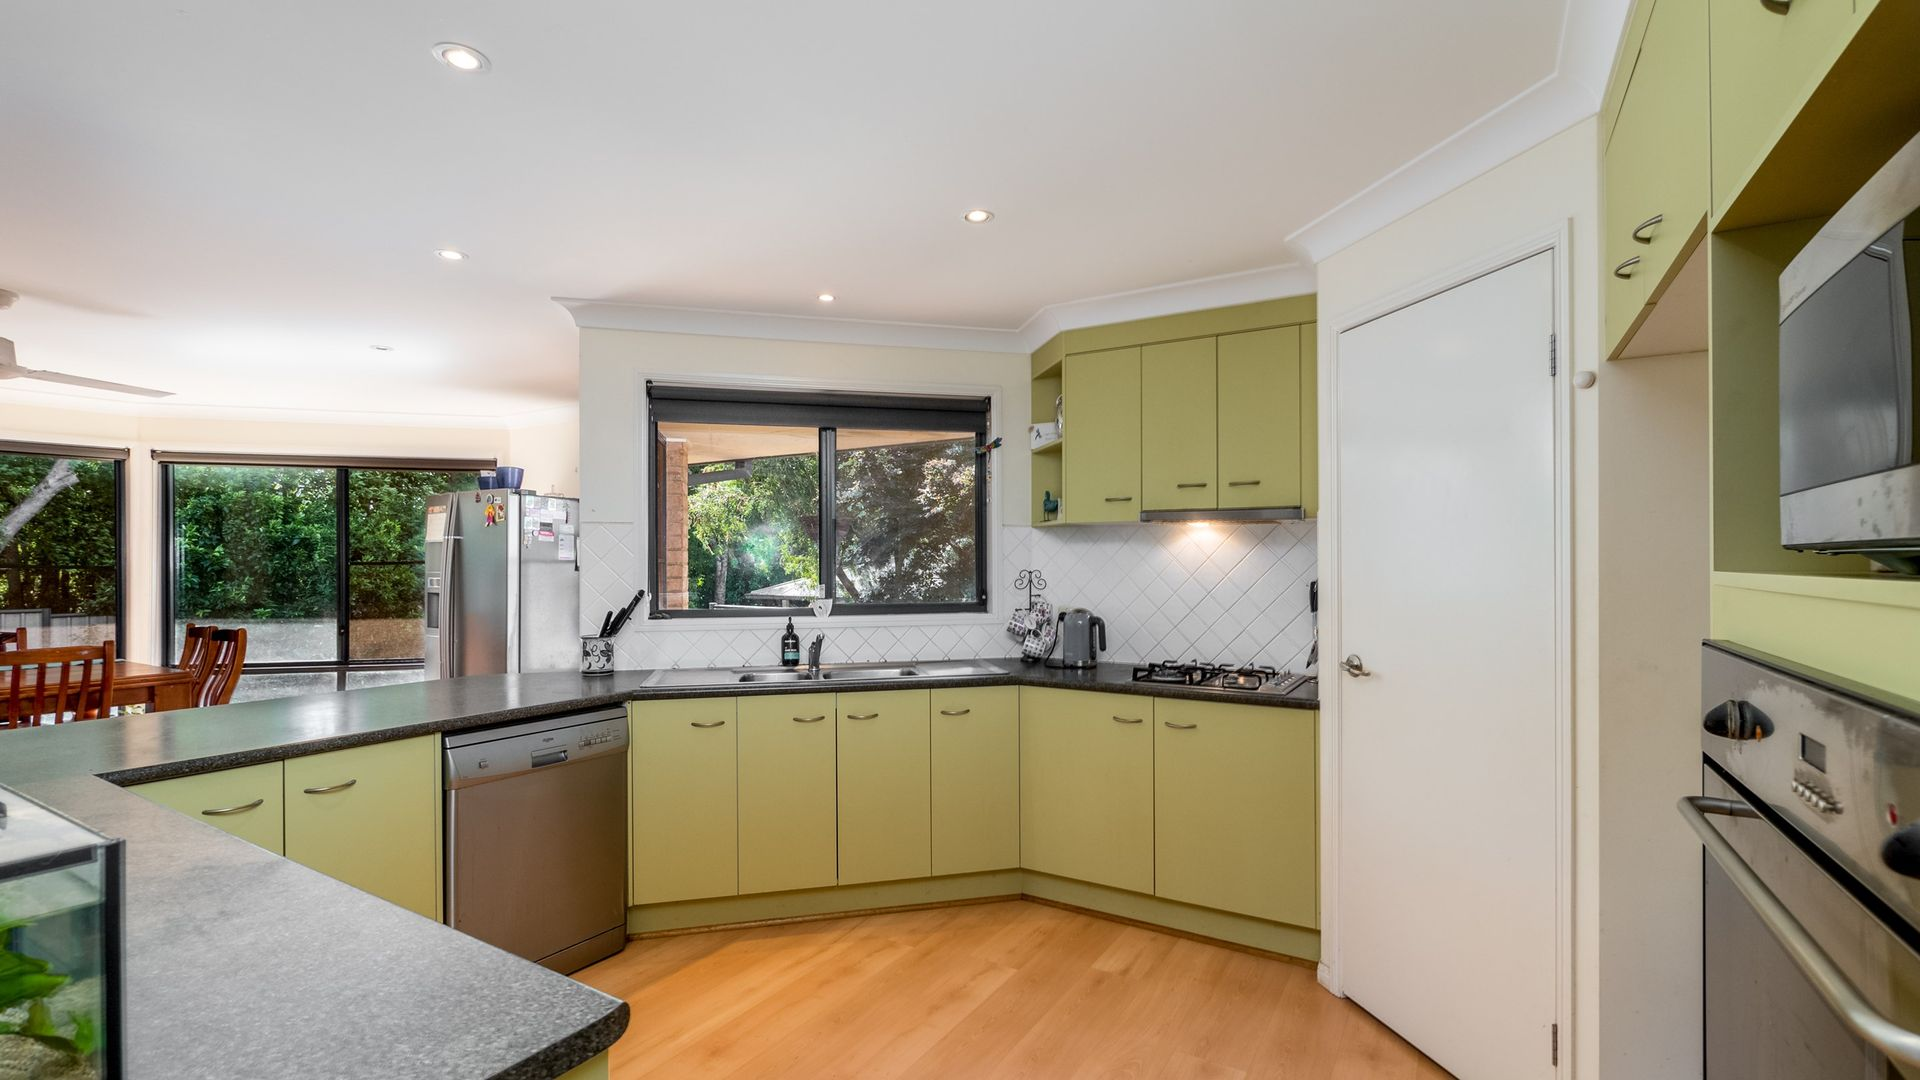 45 Kookaburra Terrace, Goonellabah NSW 2480, Image 1